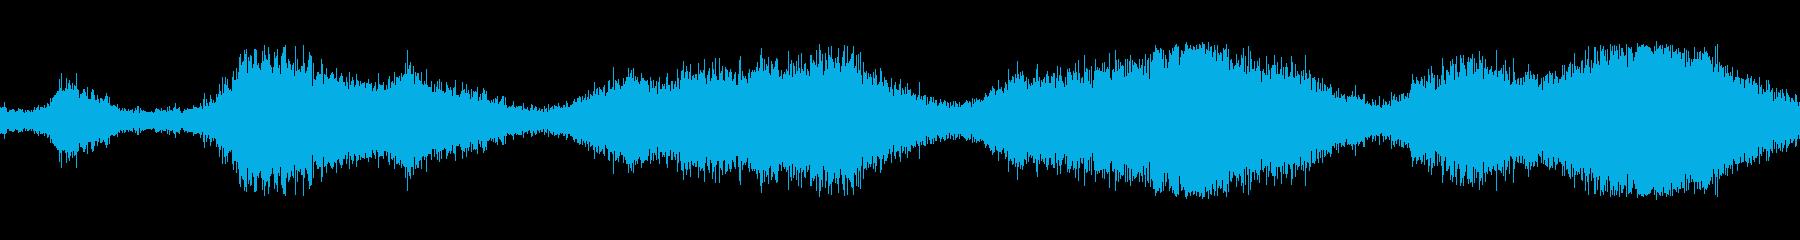 波オーシャンサーフmedの再生済みの波形